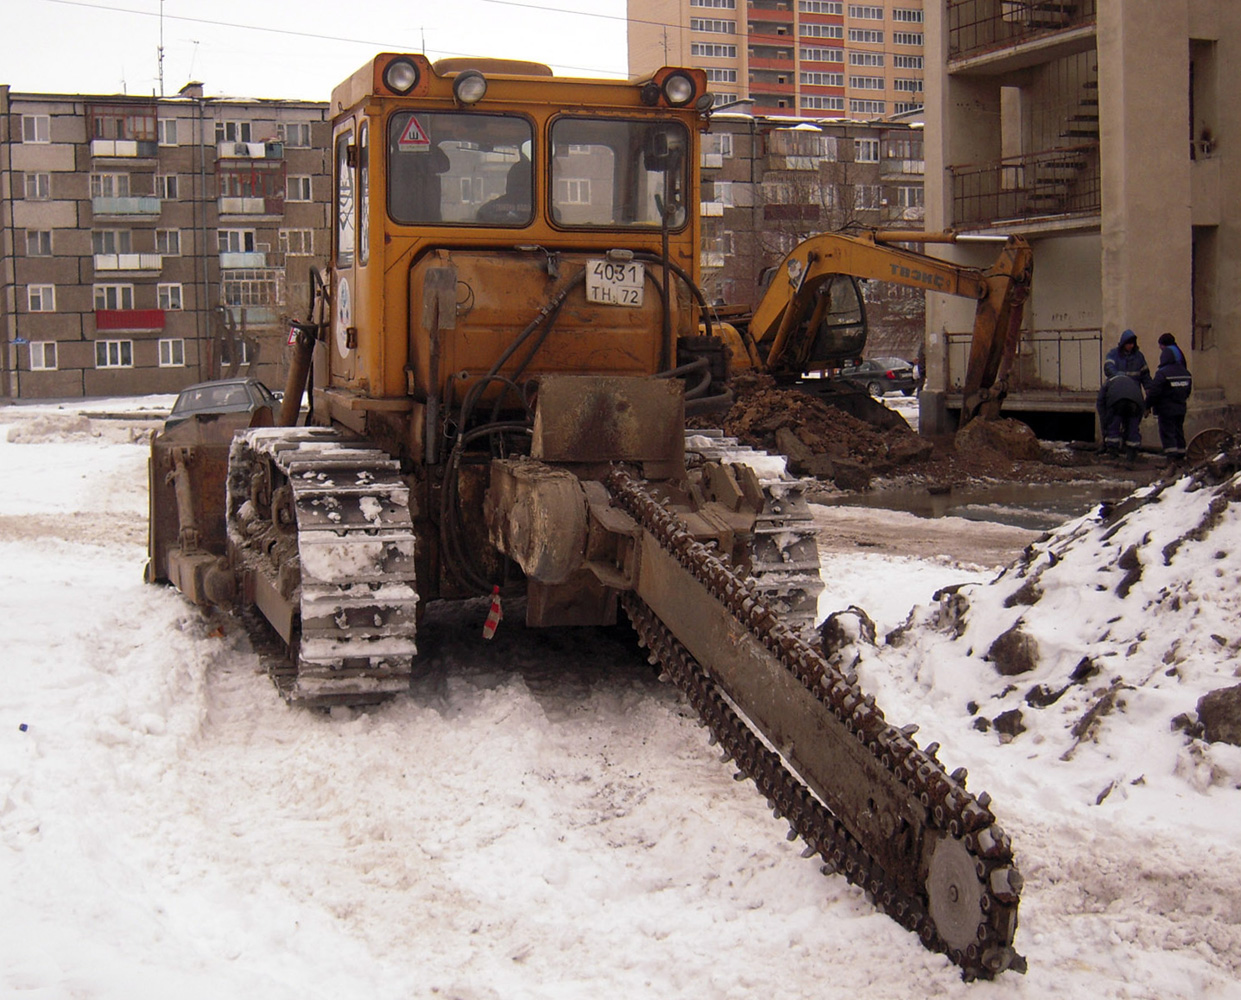 Баровая установка на базе трактора Т-170 #4031 ТН 72. Тюмень, Садовая улица